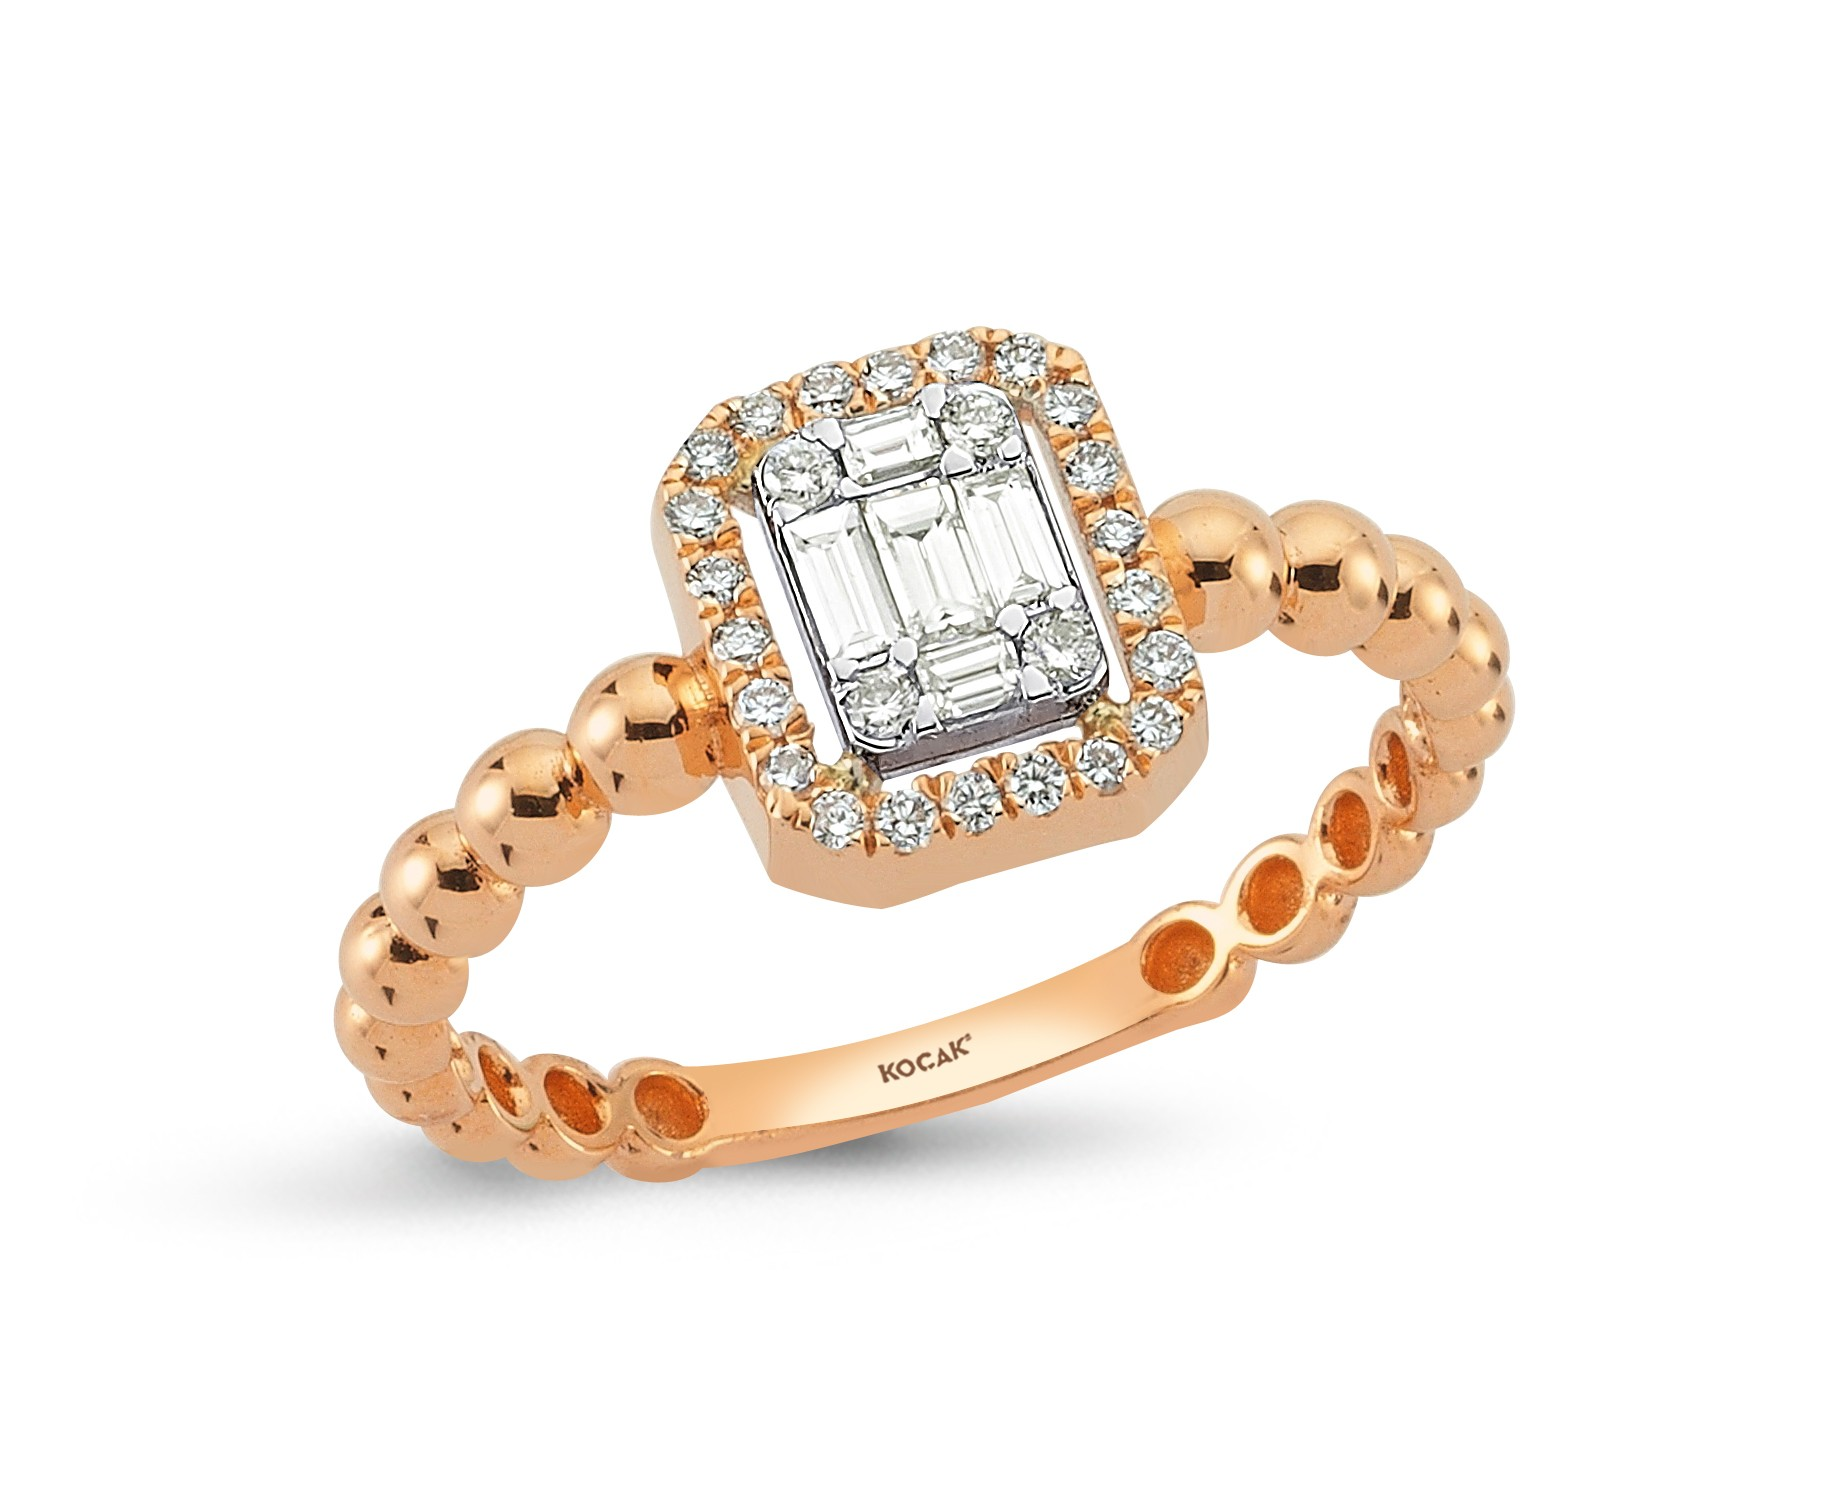 750 Kocak Gold   Baguette Diamant Ring